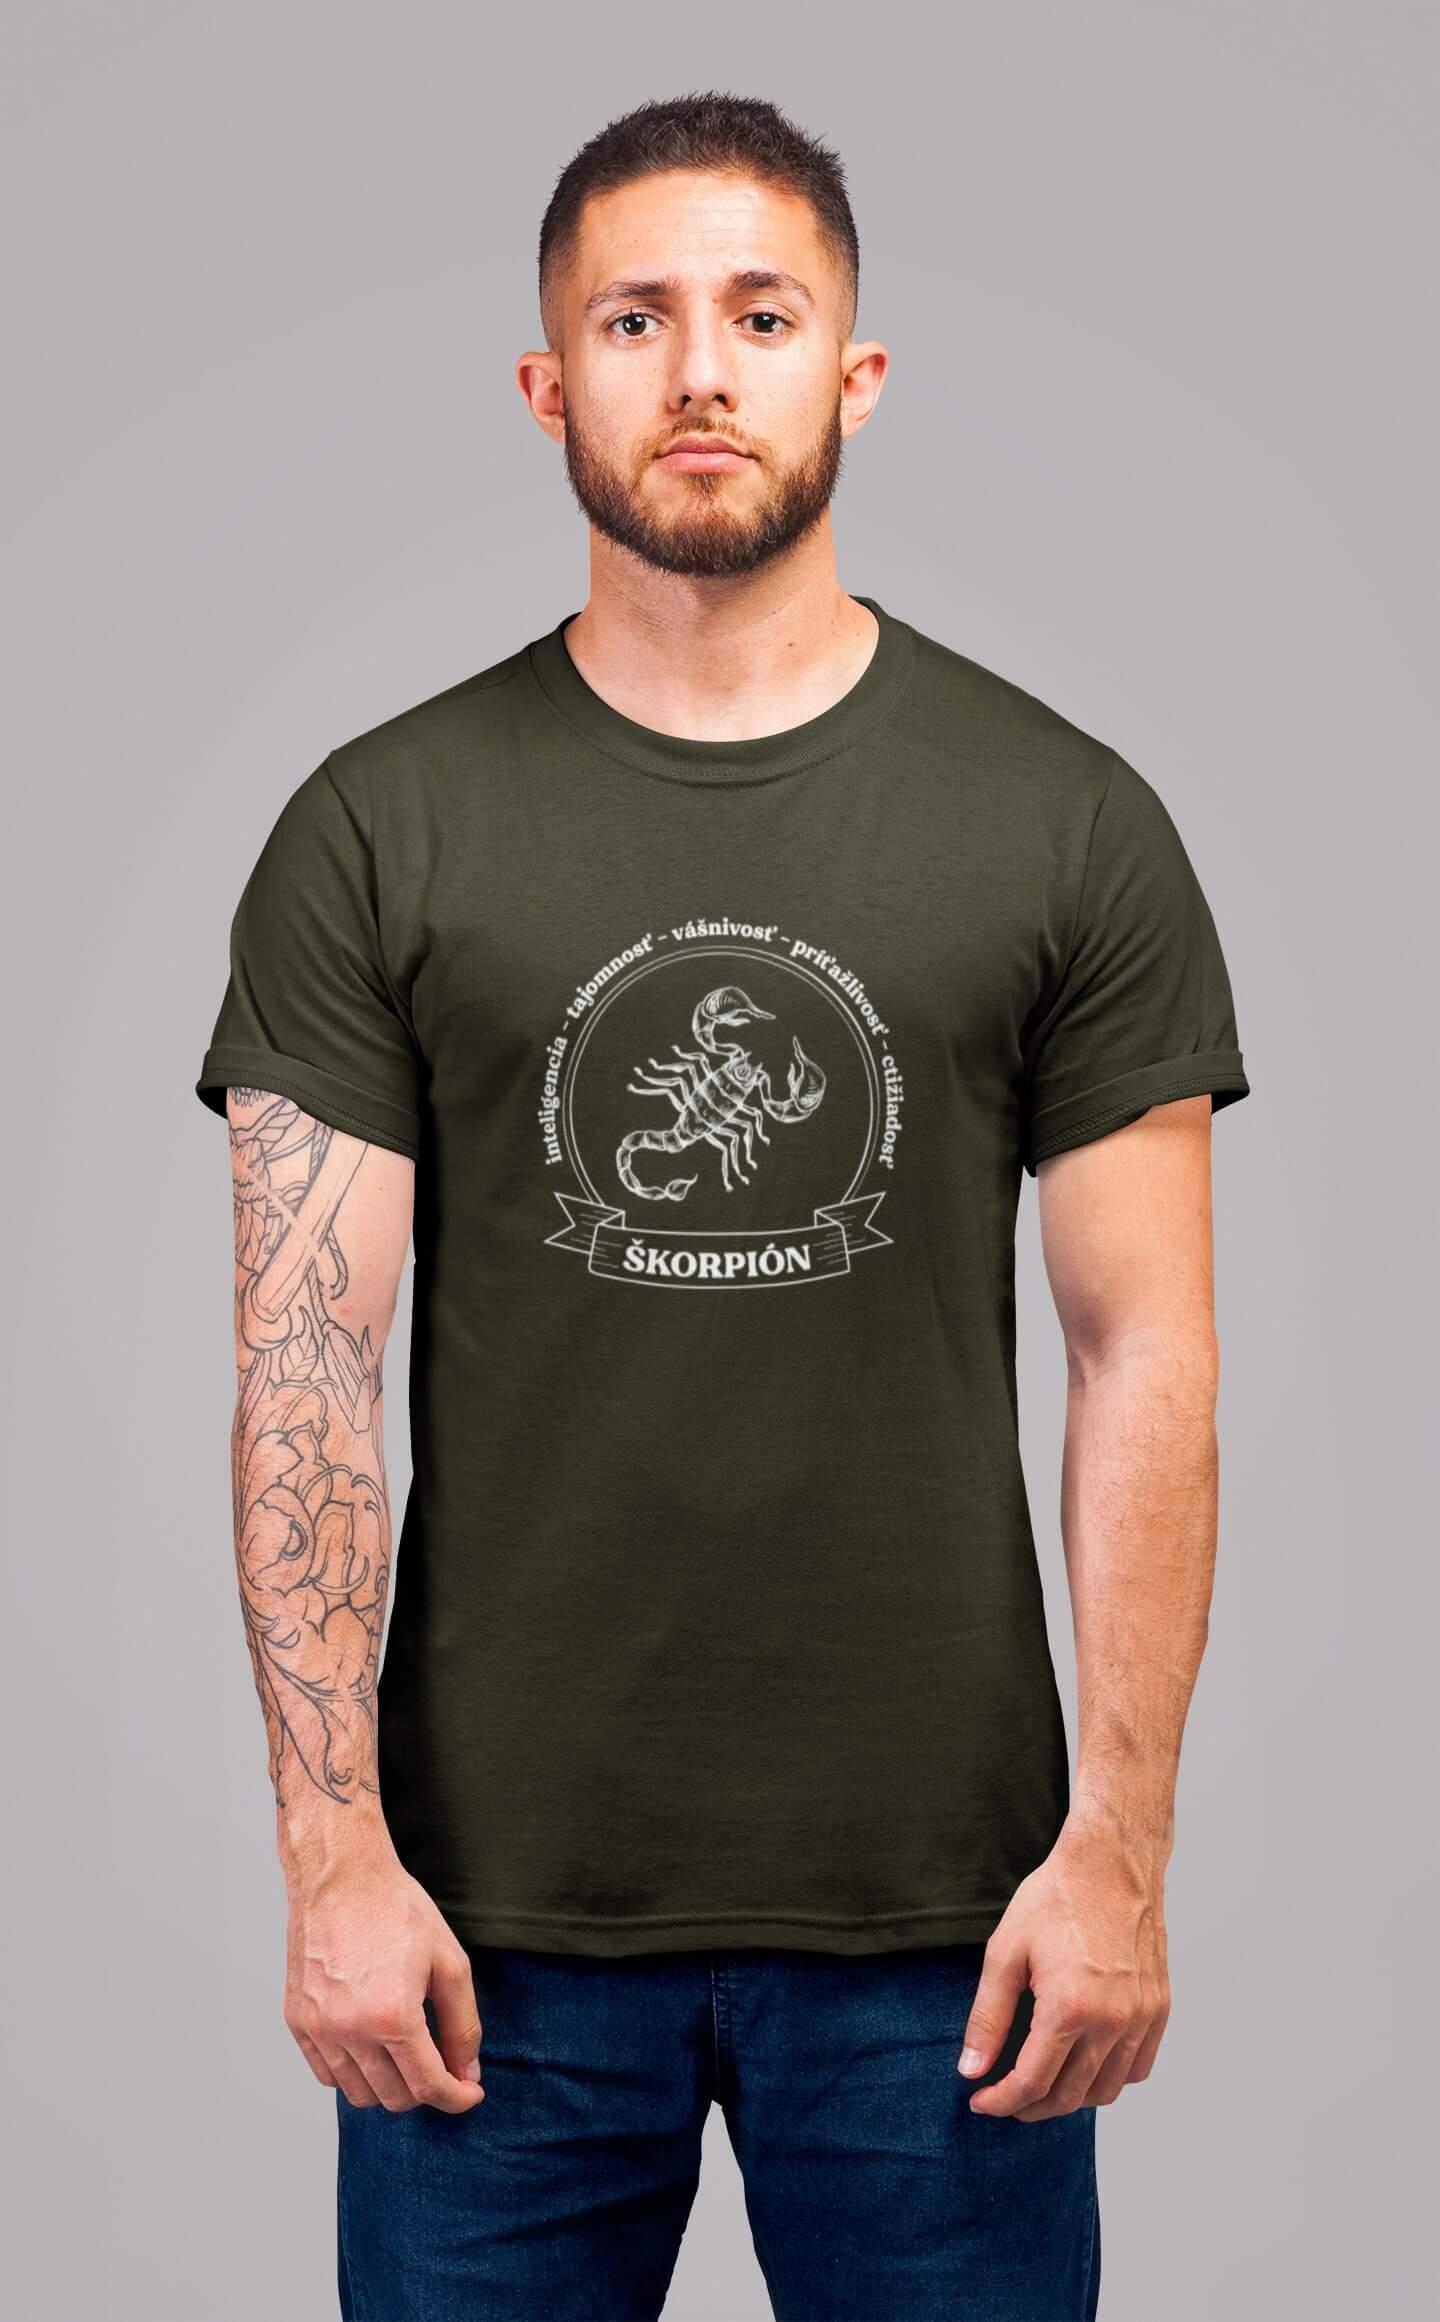 MMO Pánske tričko Škorpión Vyberte farbu: Military, Vyberte veľkosť: XS